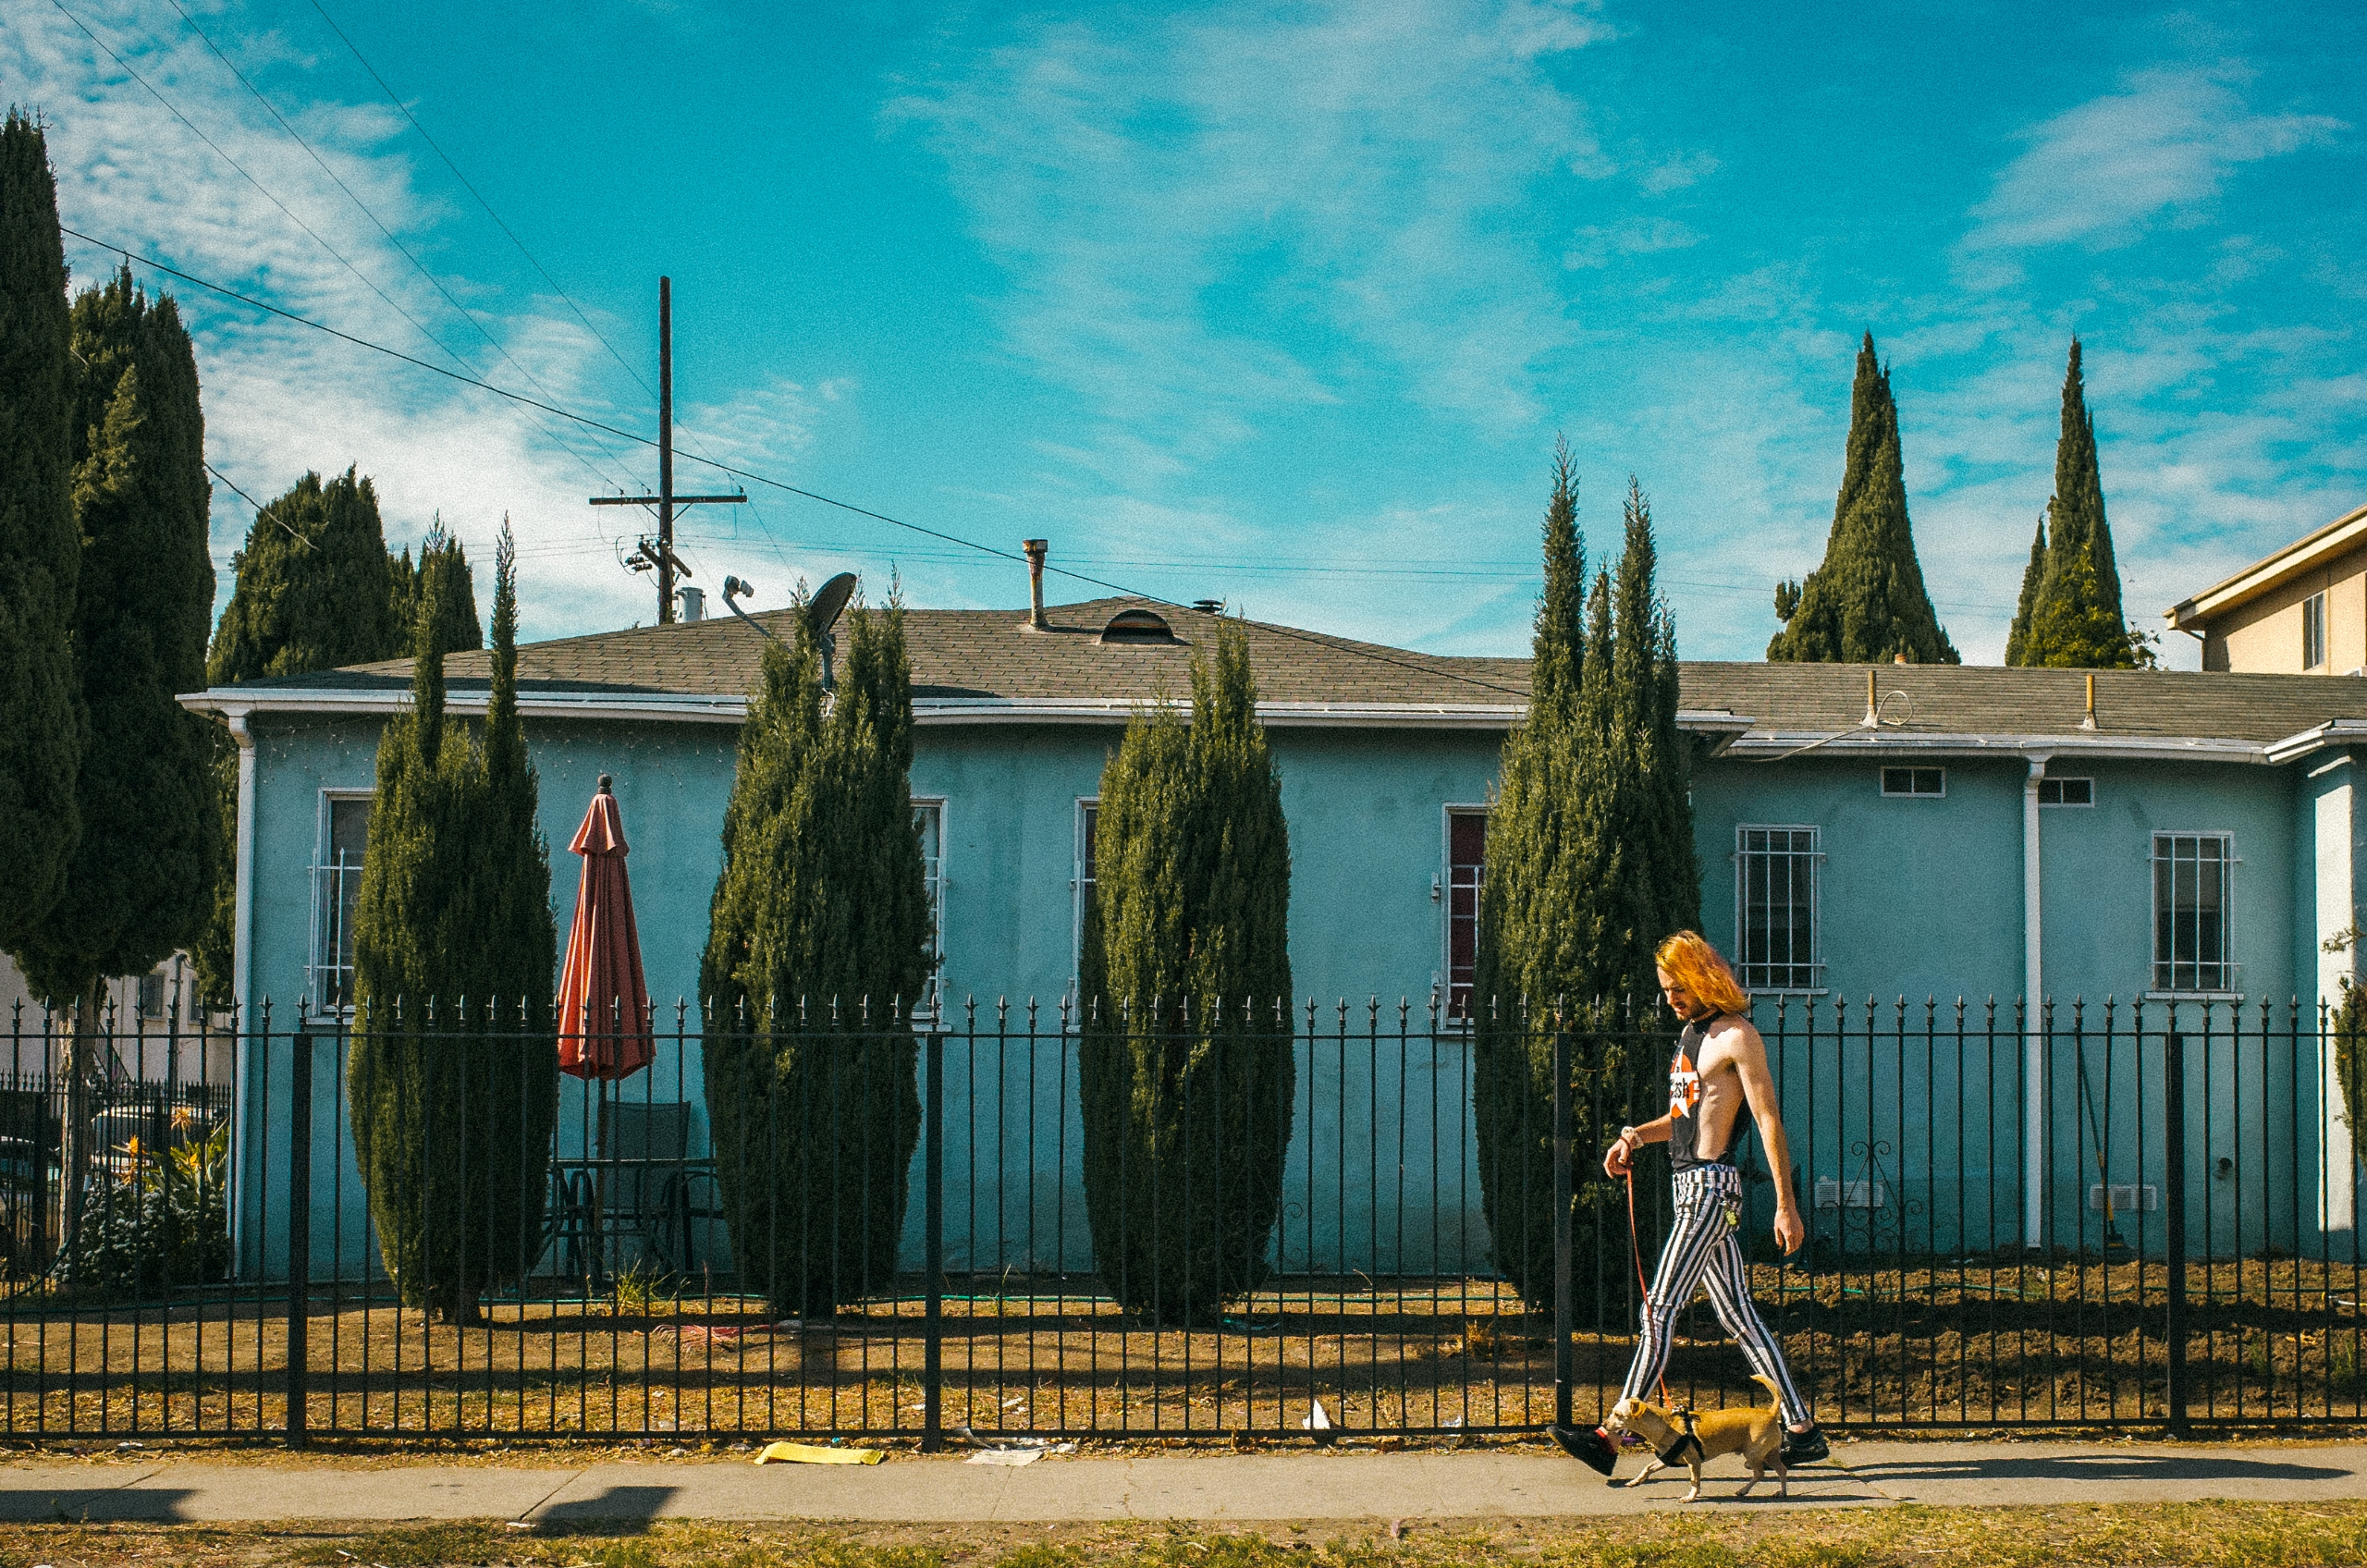 Los Angeles, 2017 - danielrolandtierney | ello